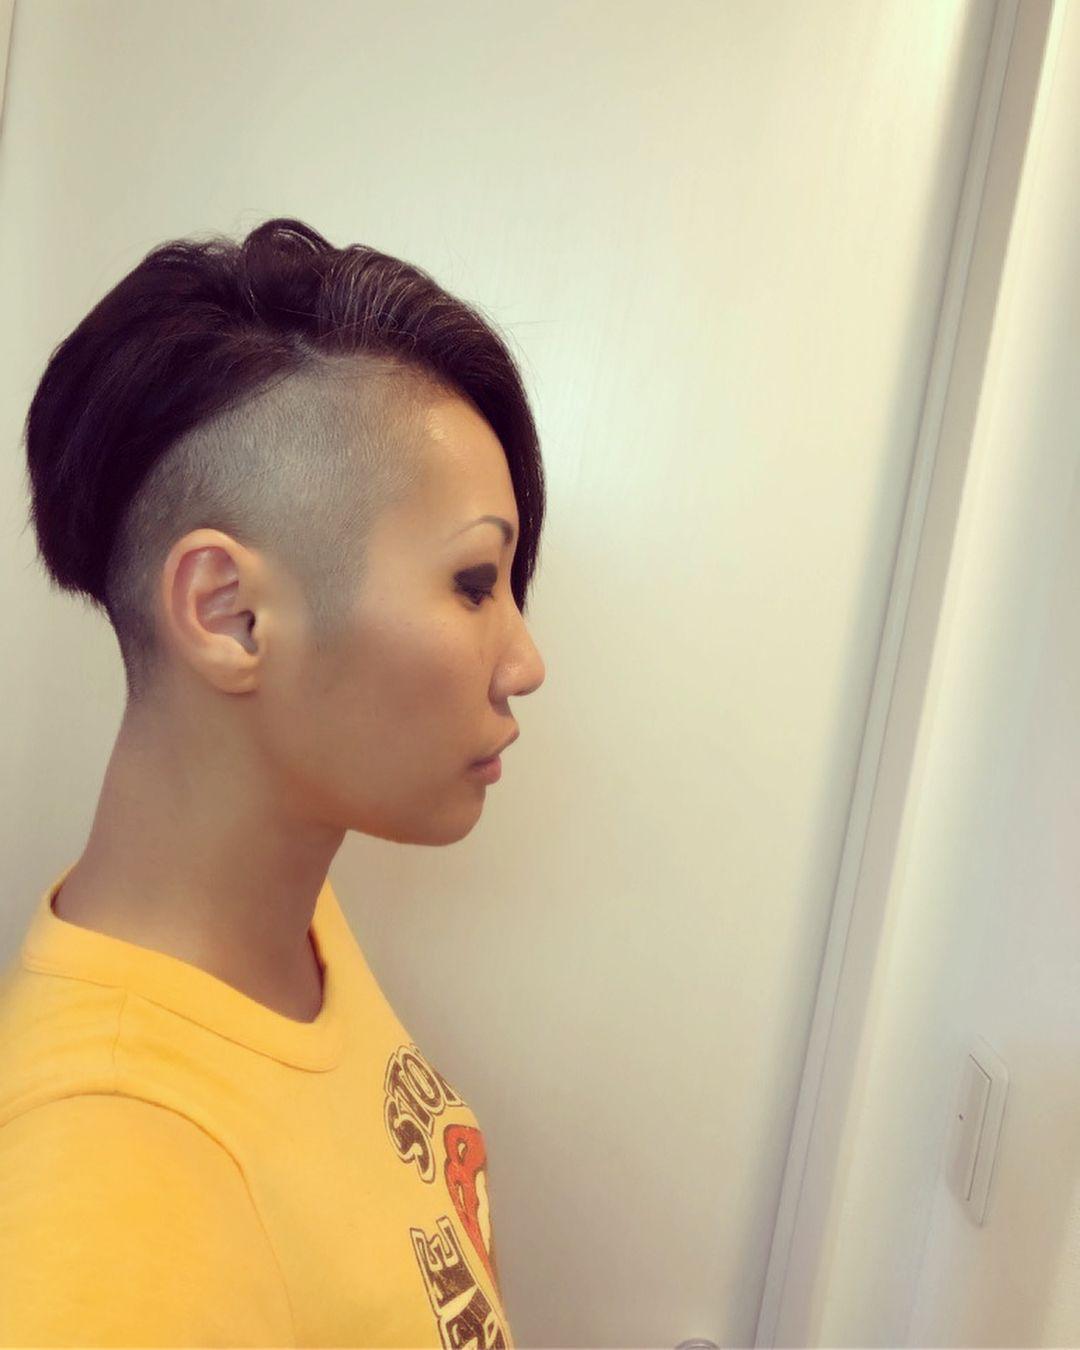 Masumi On Instagram この前の木曜日に髪切った 両サイドと後ろ刈り上げ 前から見たらわりとナチュラルショート ロングからのコレじゃなく 実は一回ボブ挟んでるけど やっぱりショートが好きかも Hair Styles Short Hair Styles Trendy Hairstyles